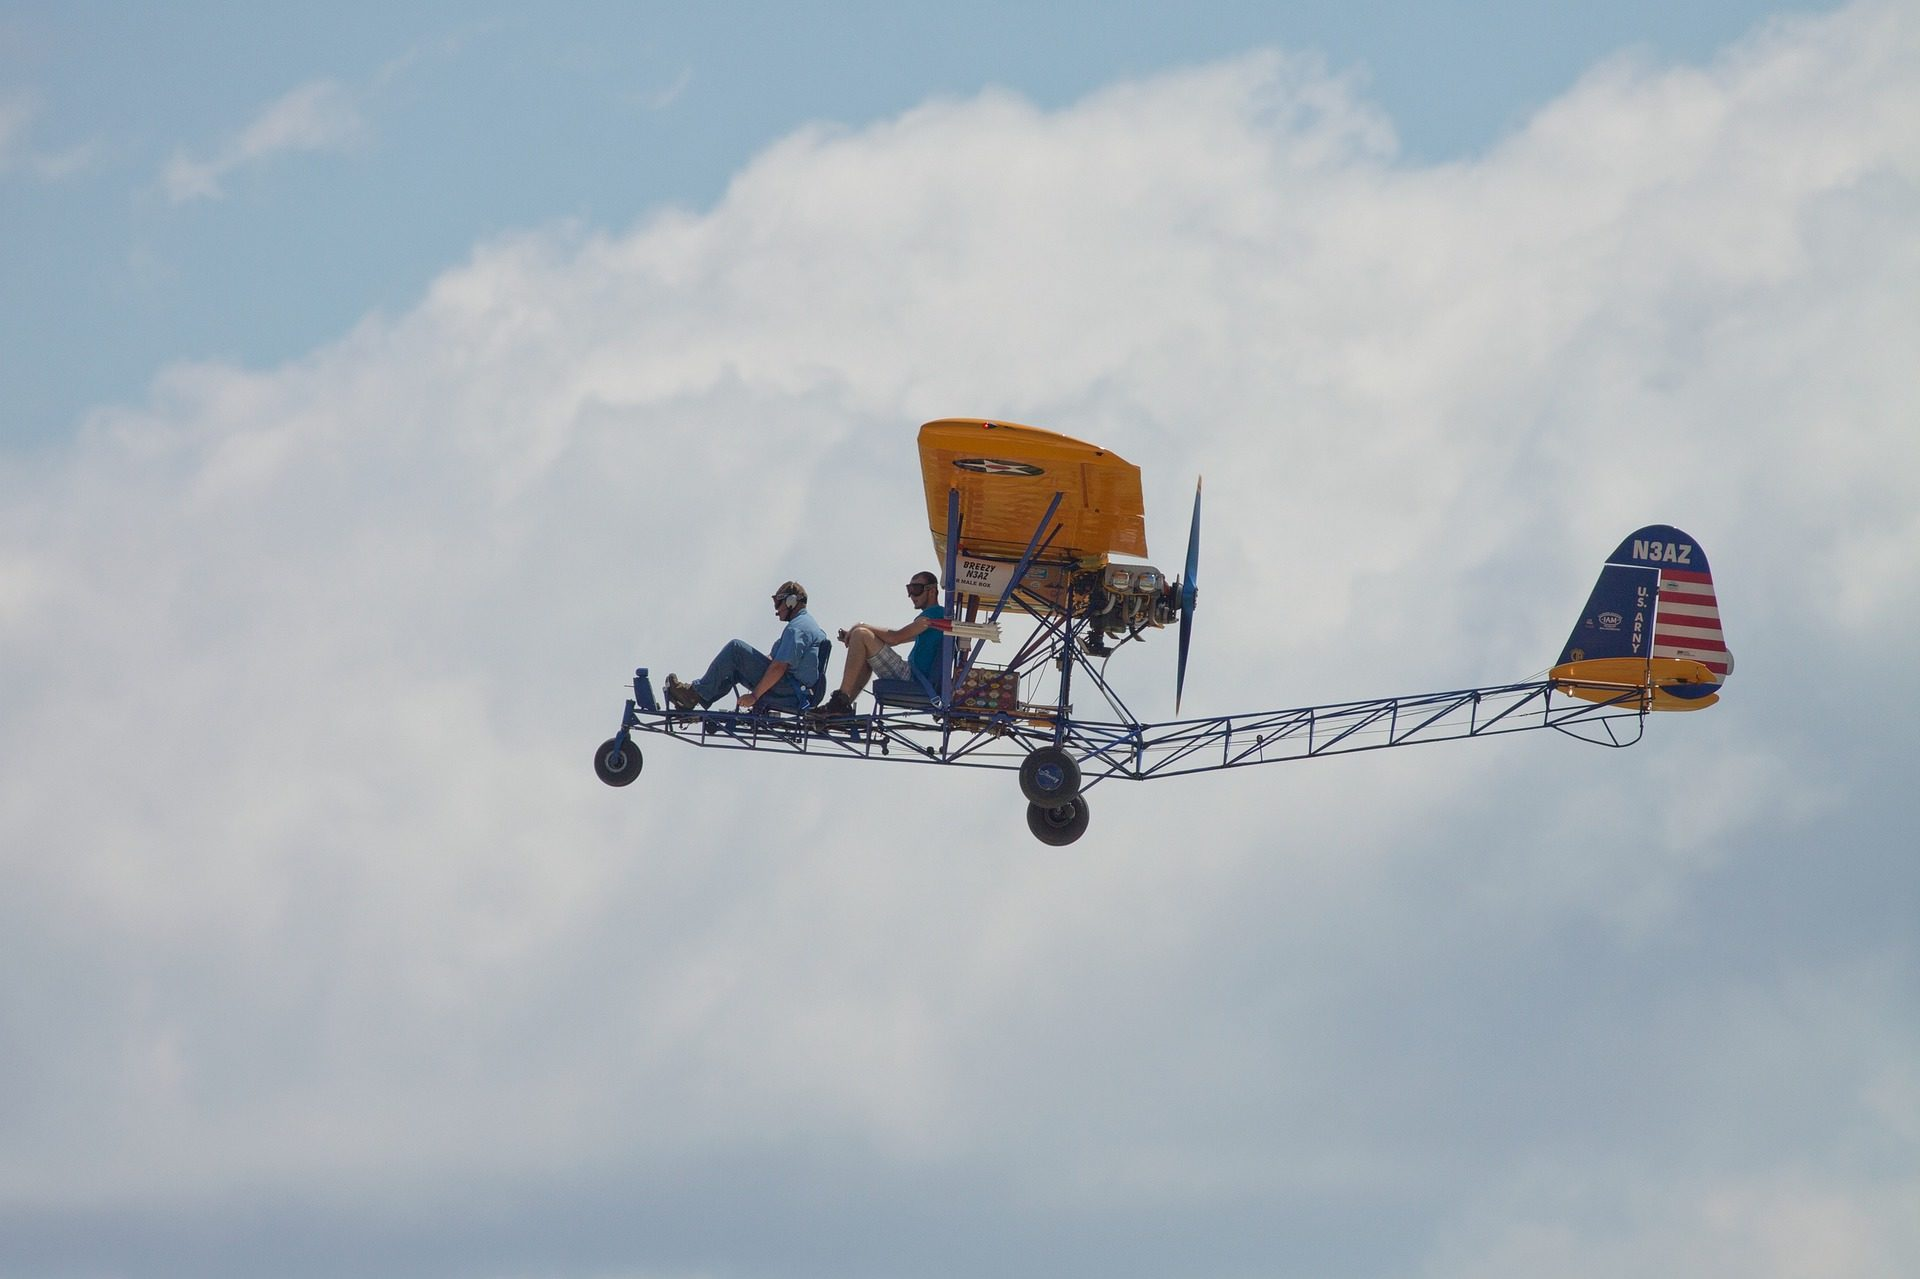 飞机, 超轻型飞机, 飞行, 天上的云, 轻型飞机 - 高清壁纸 - 教授-falken.com